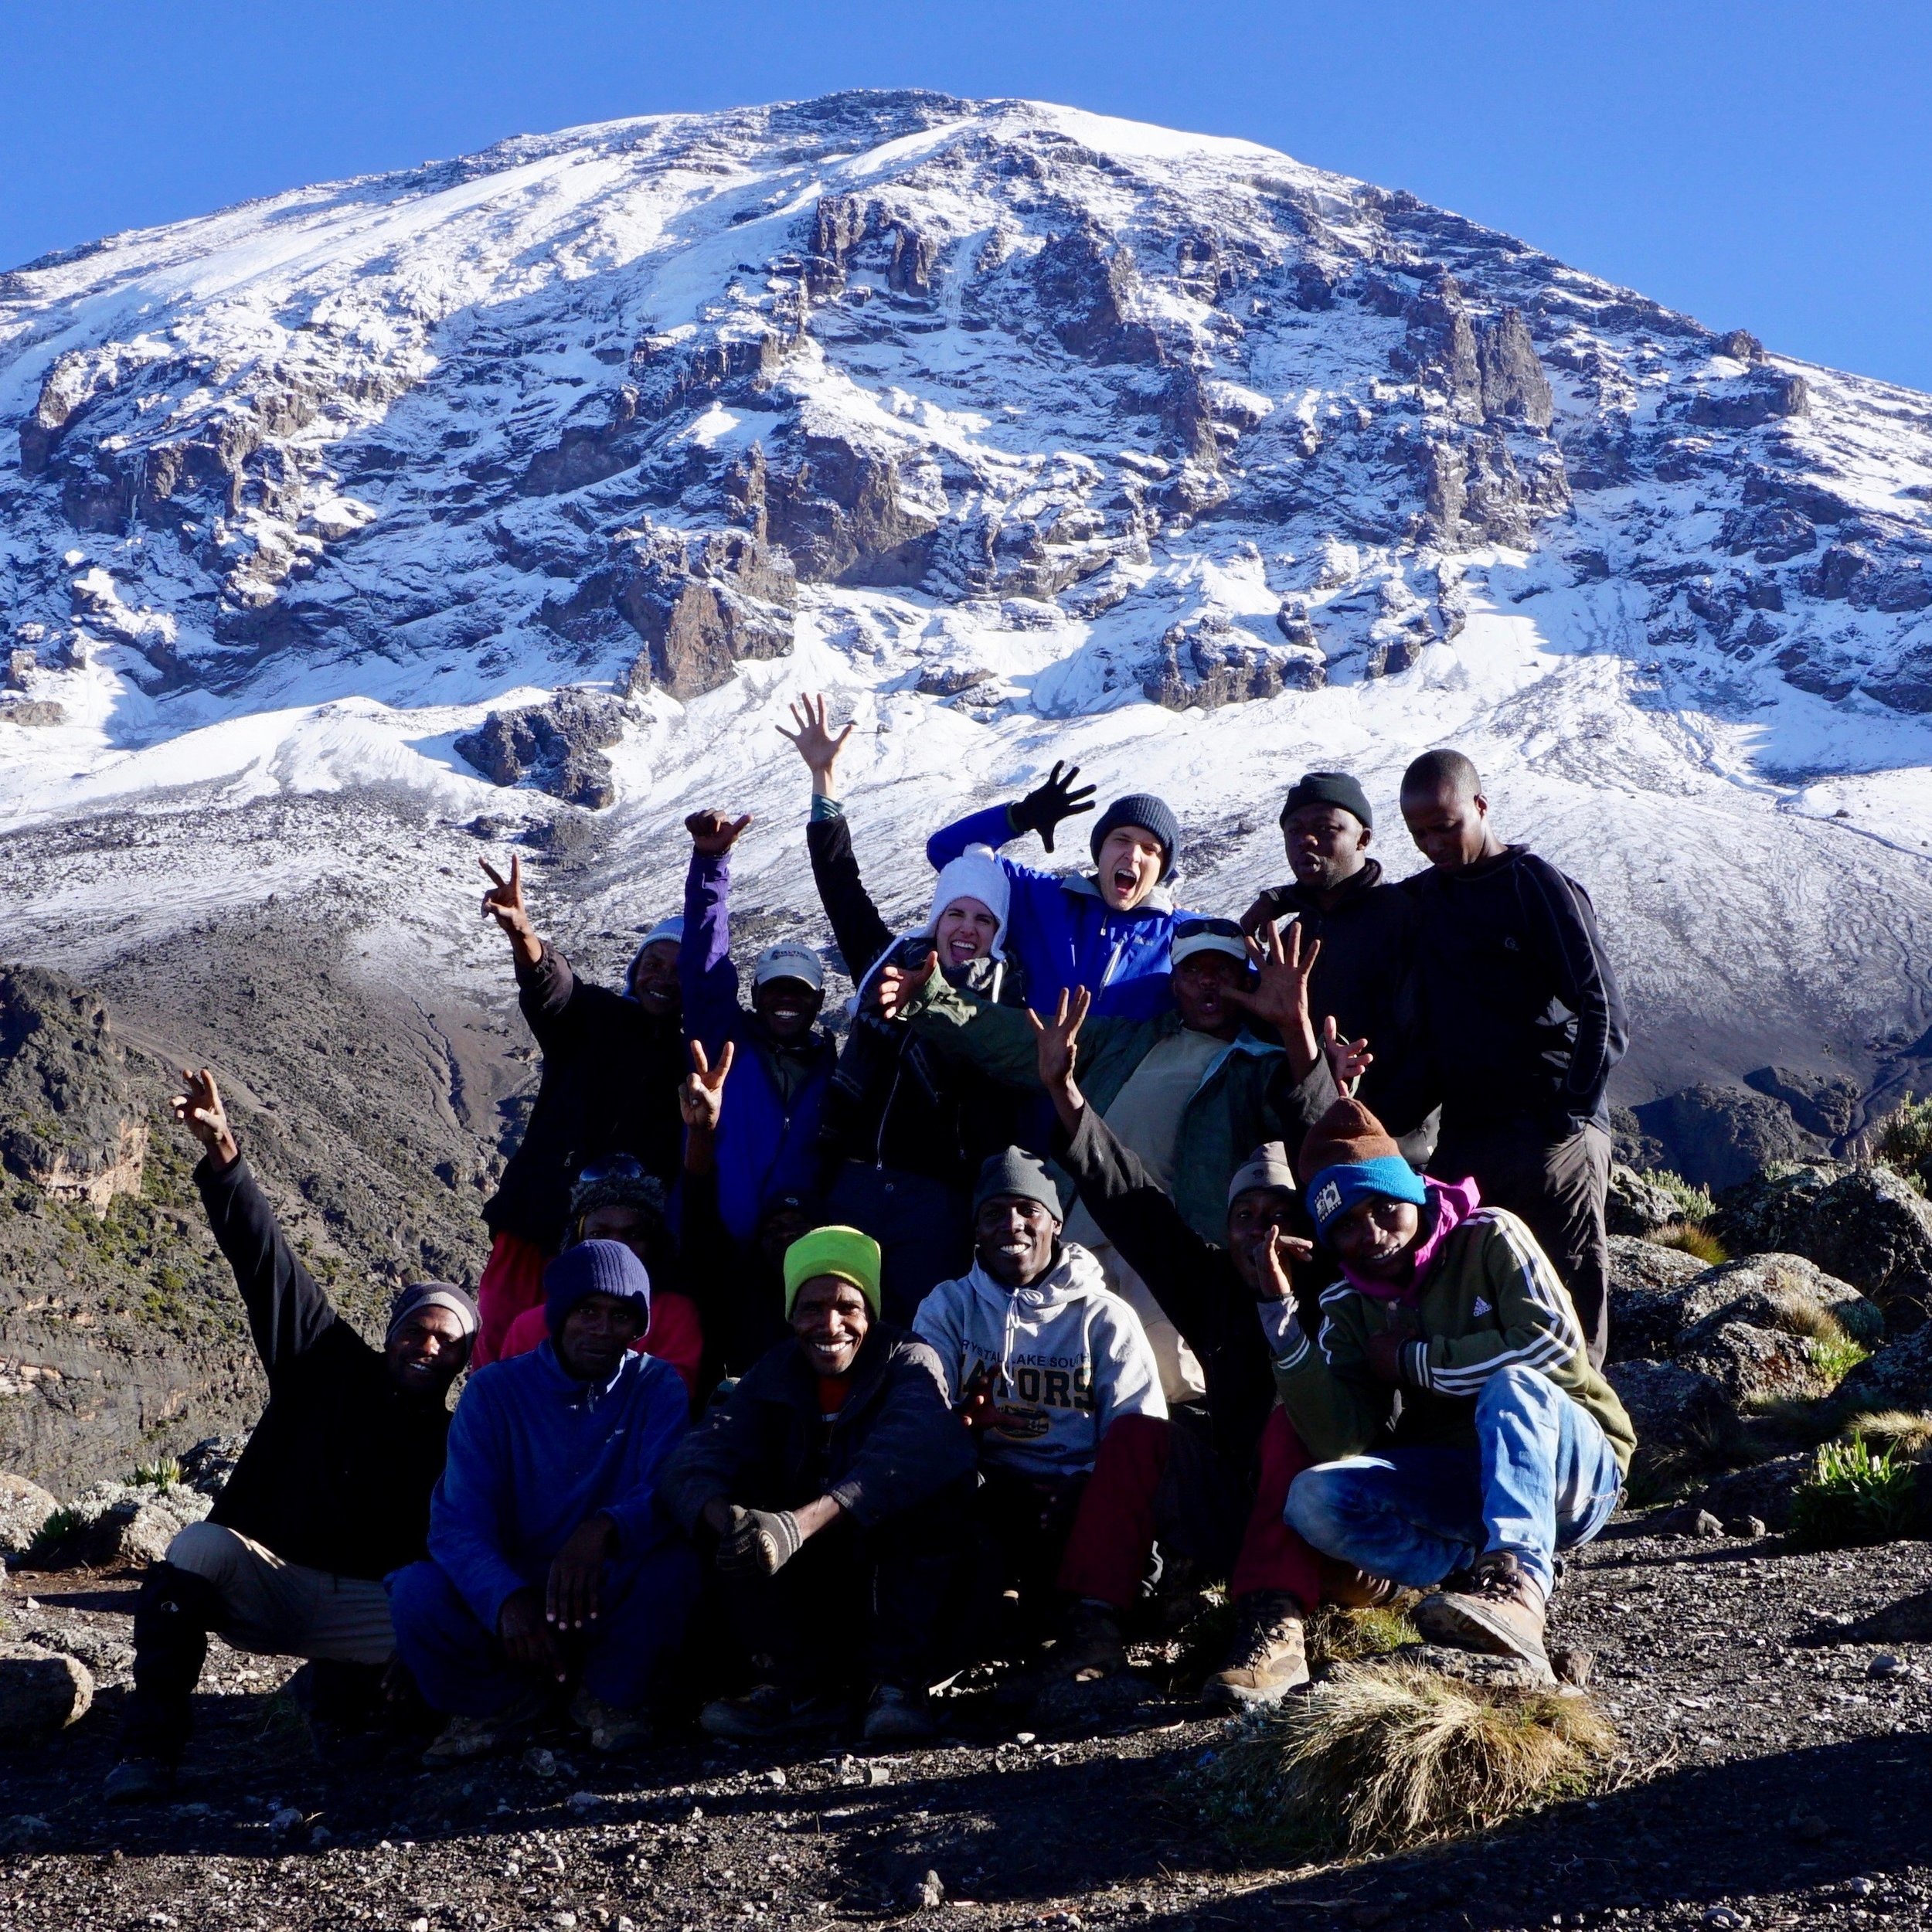 Kilimanjaro at 15,000 feet